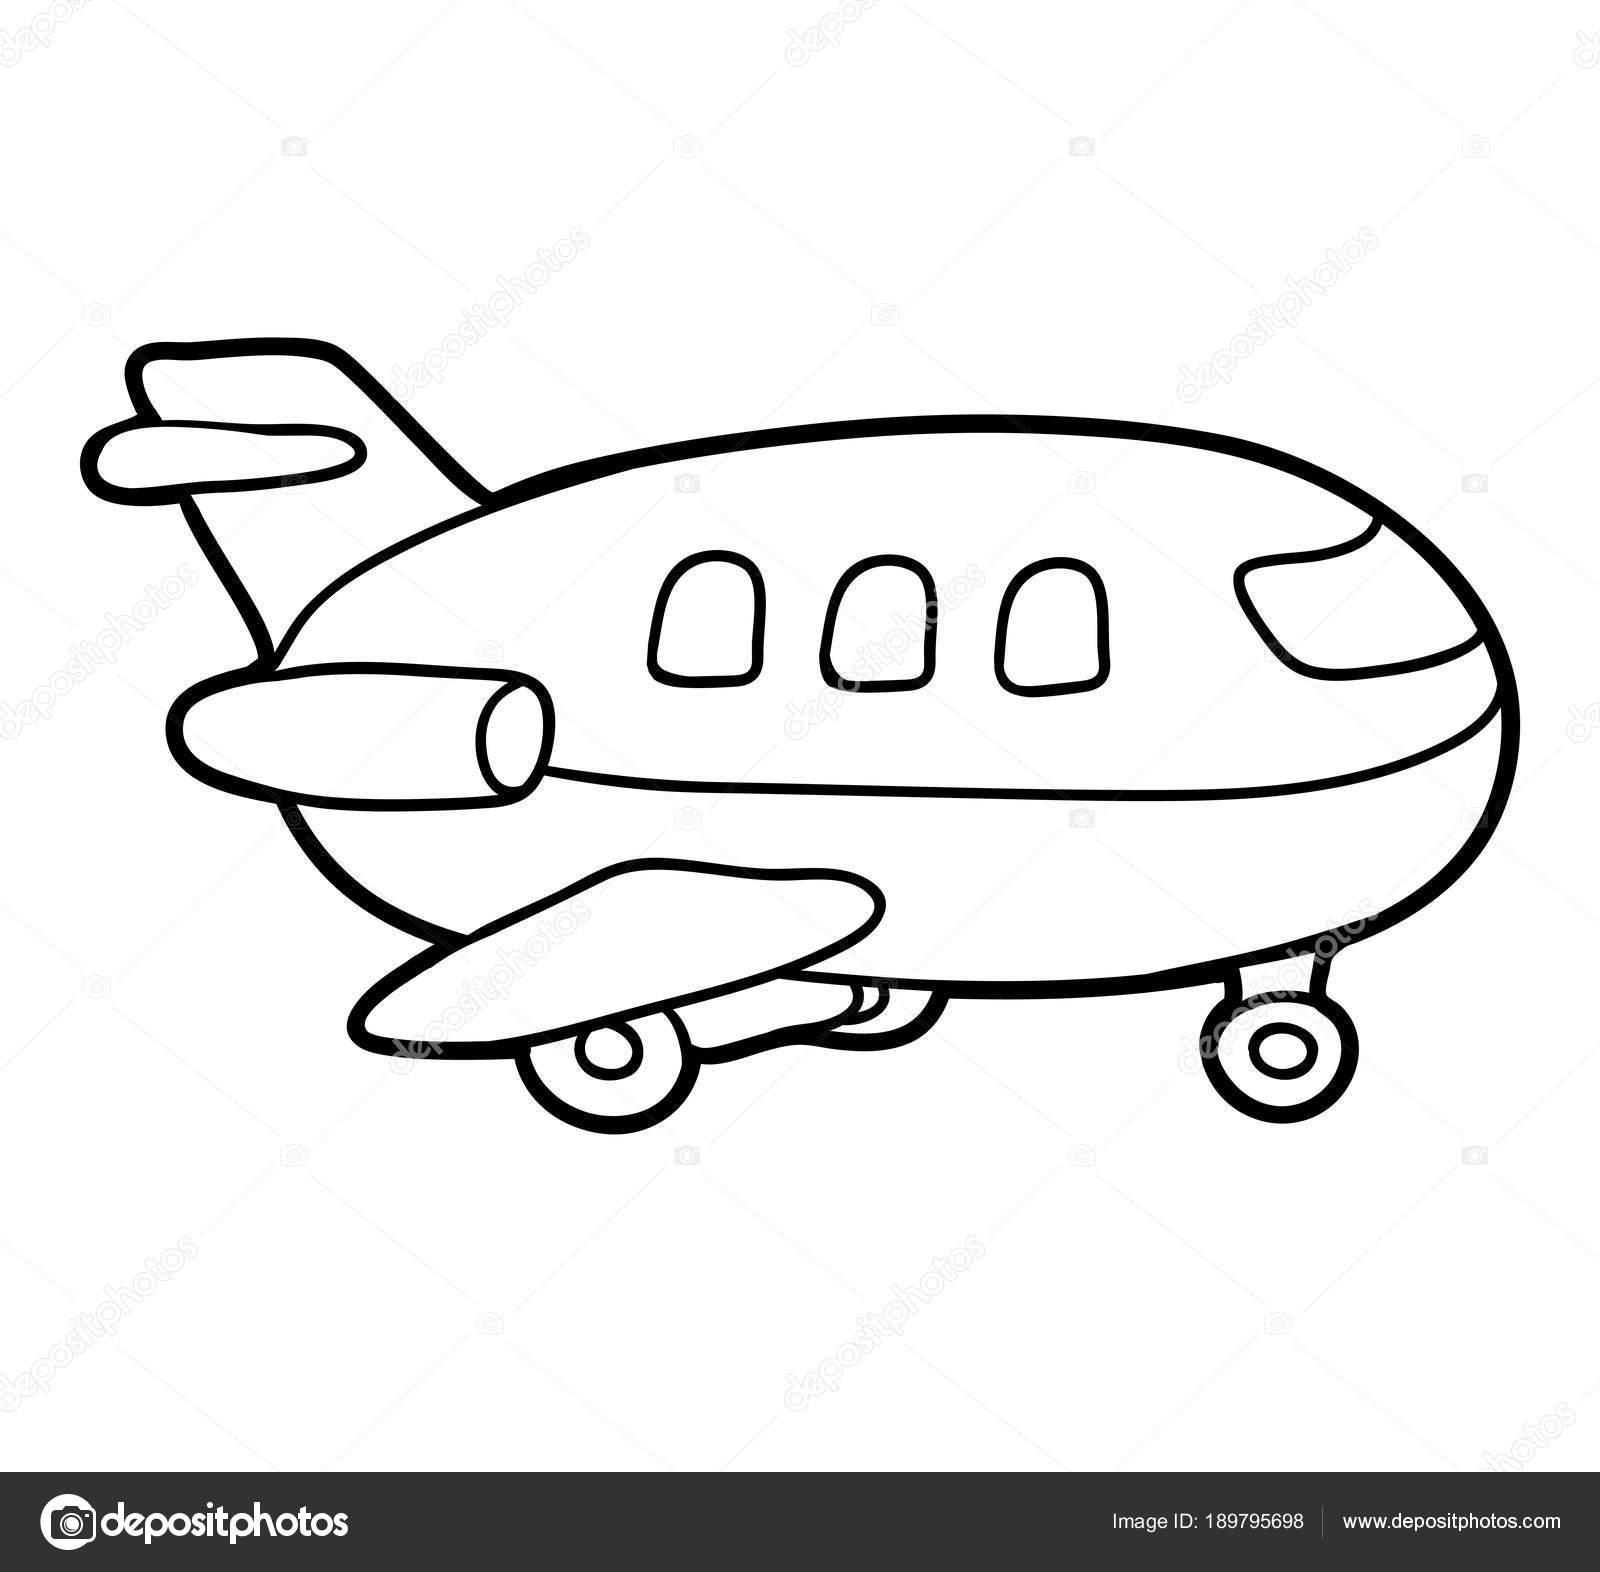 Coloring book, Airplane — Stock Vector © ksenya_savva #189795698